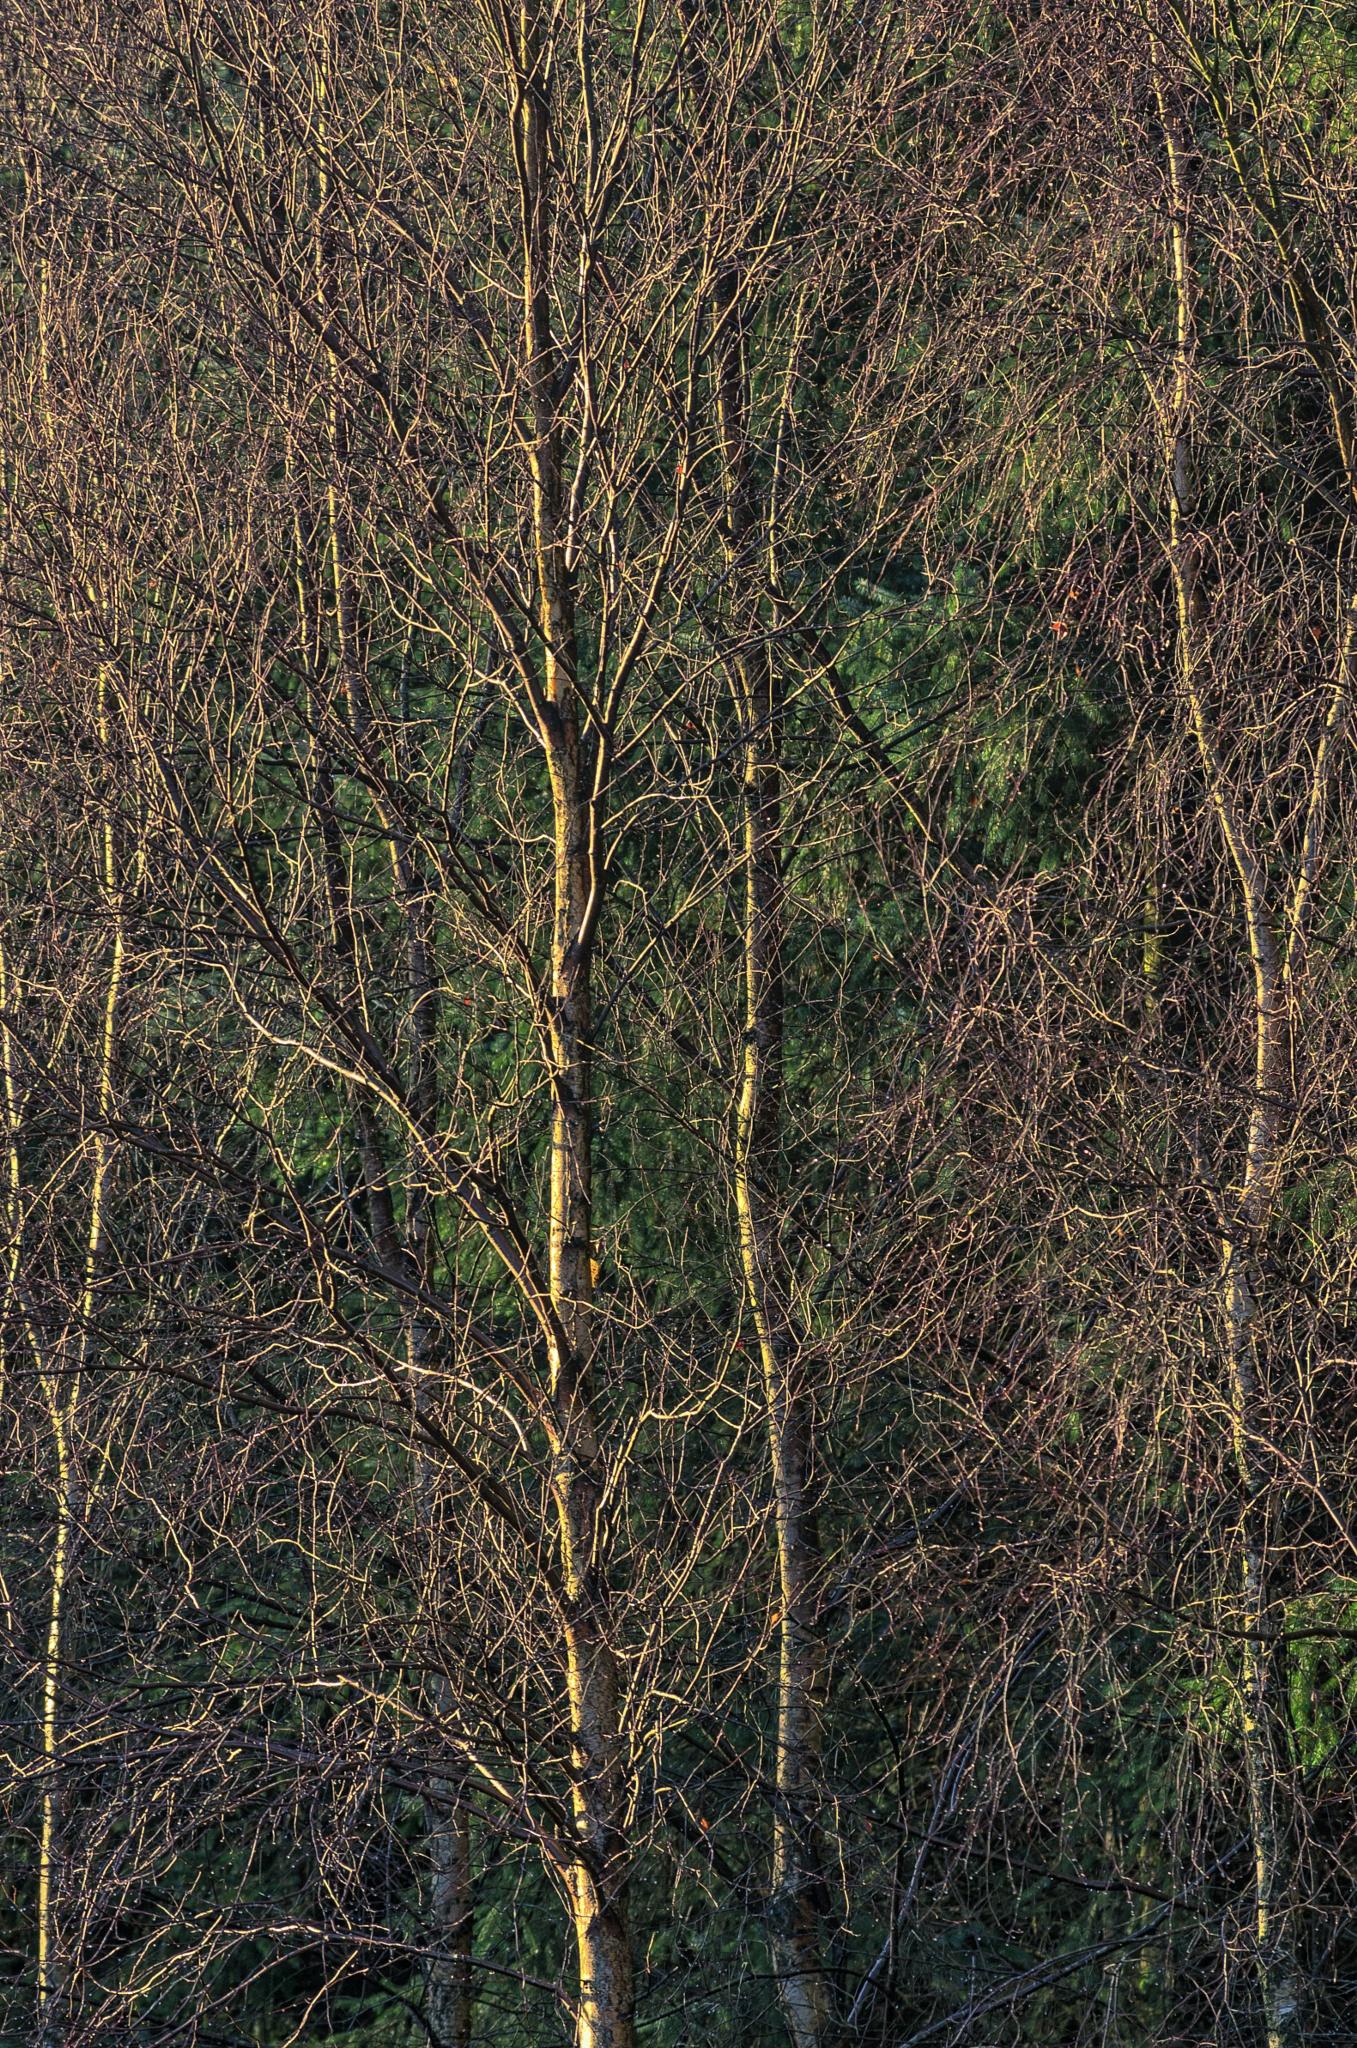 birches by jacektomcz